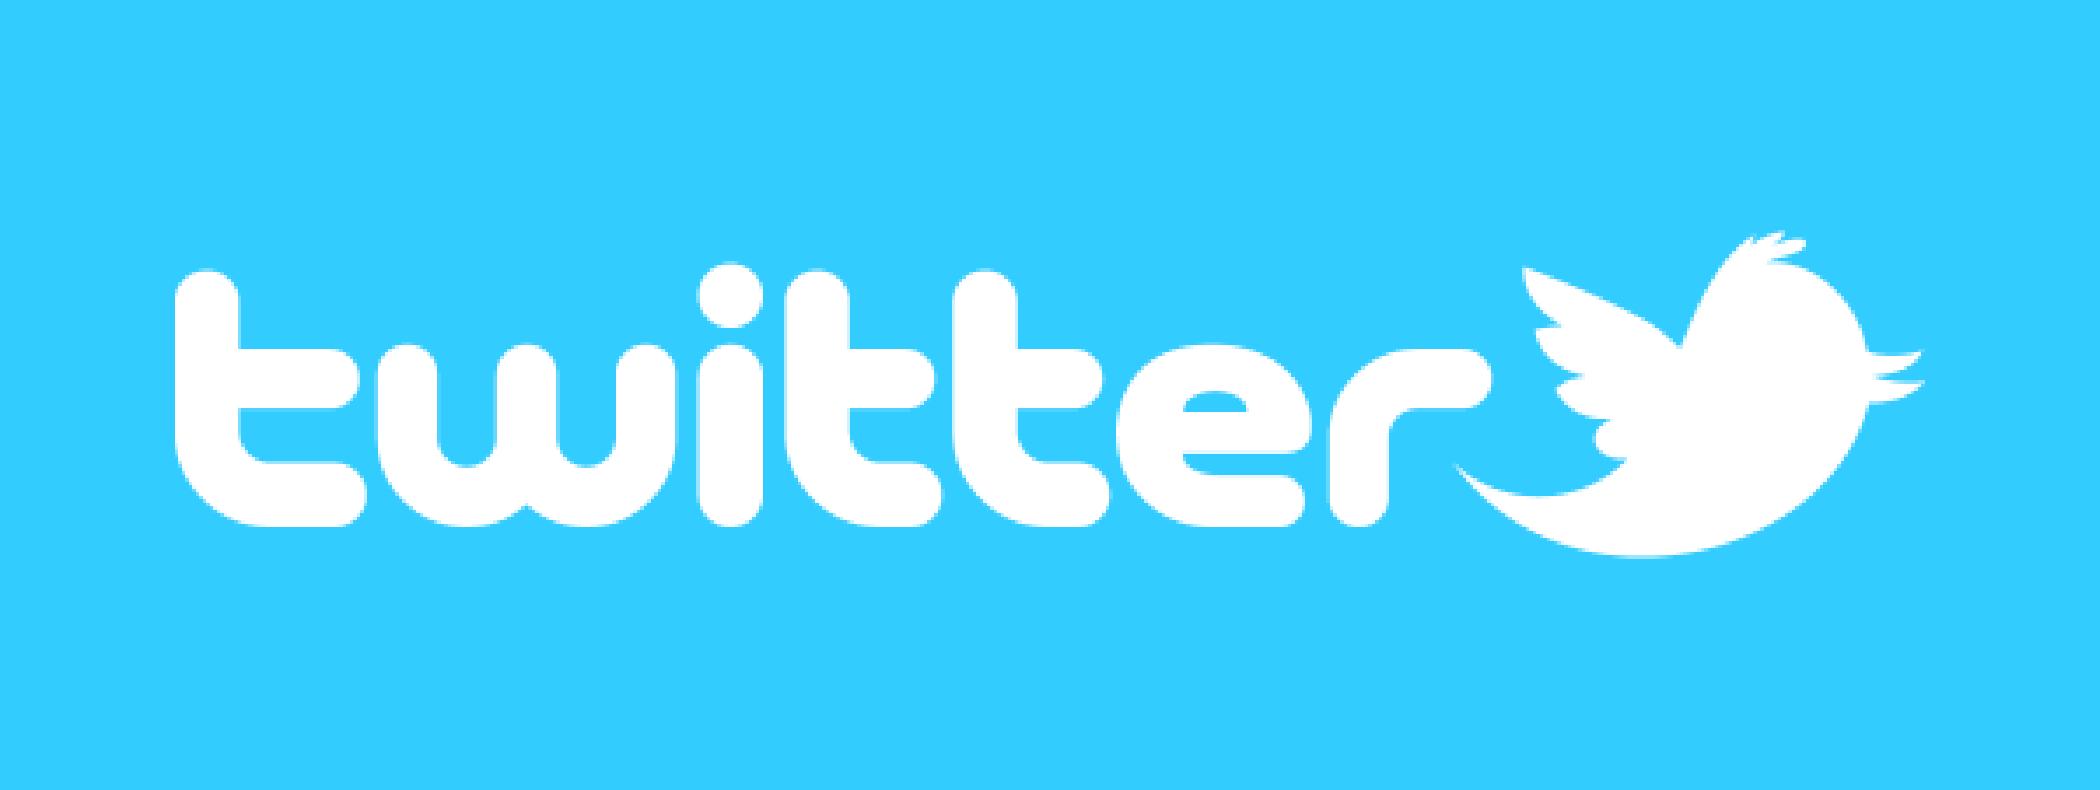 CCM en Twitter